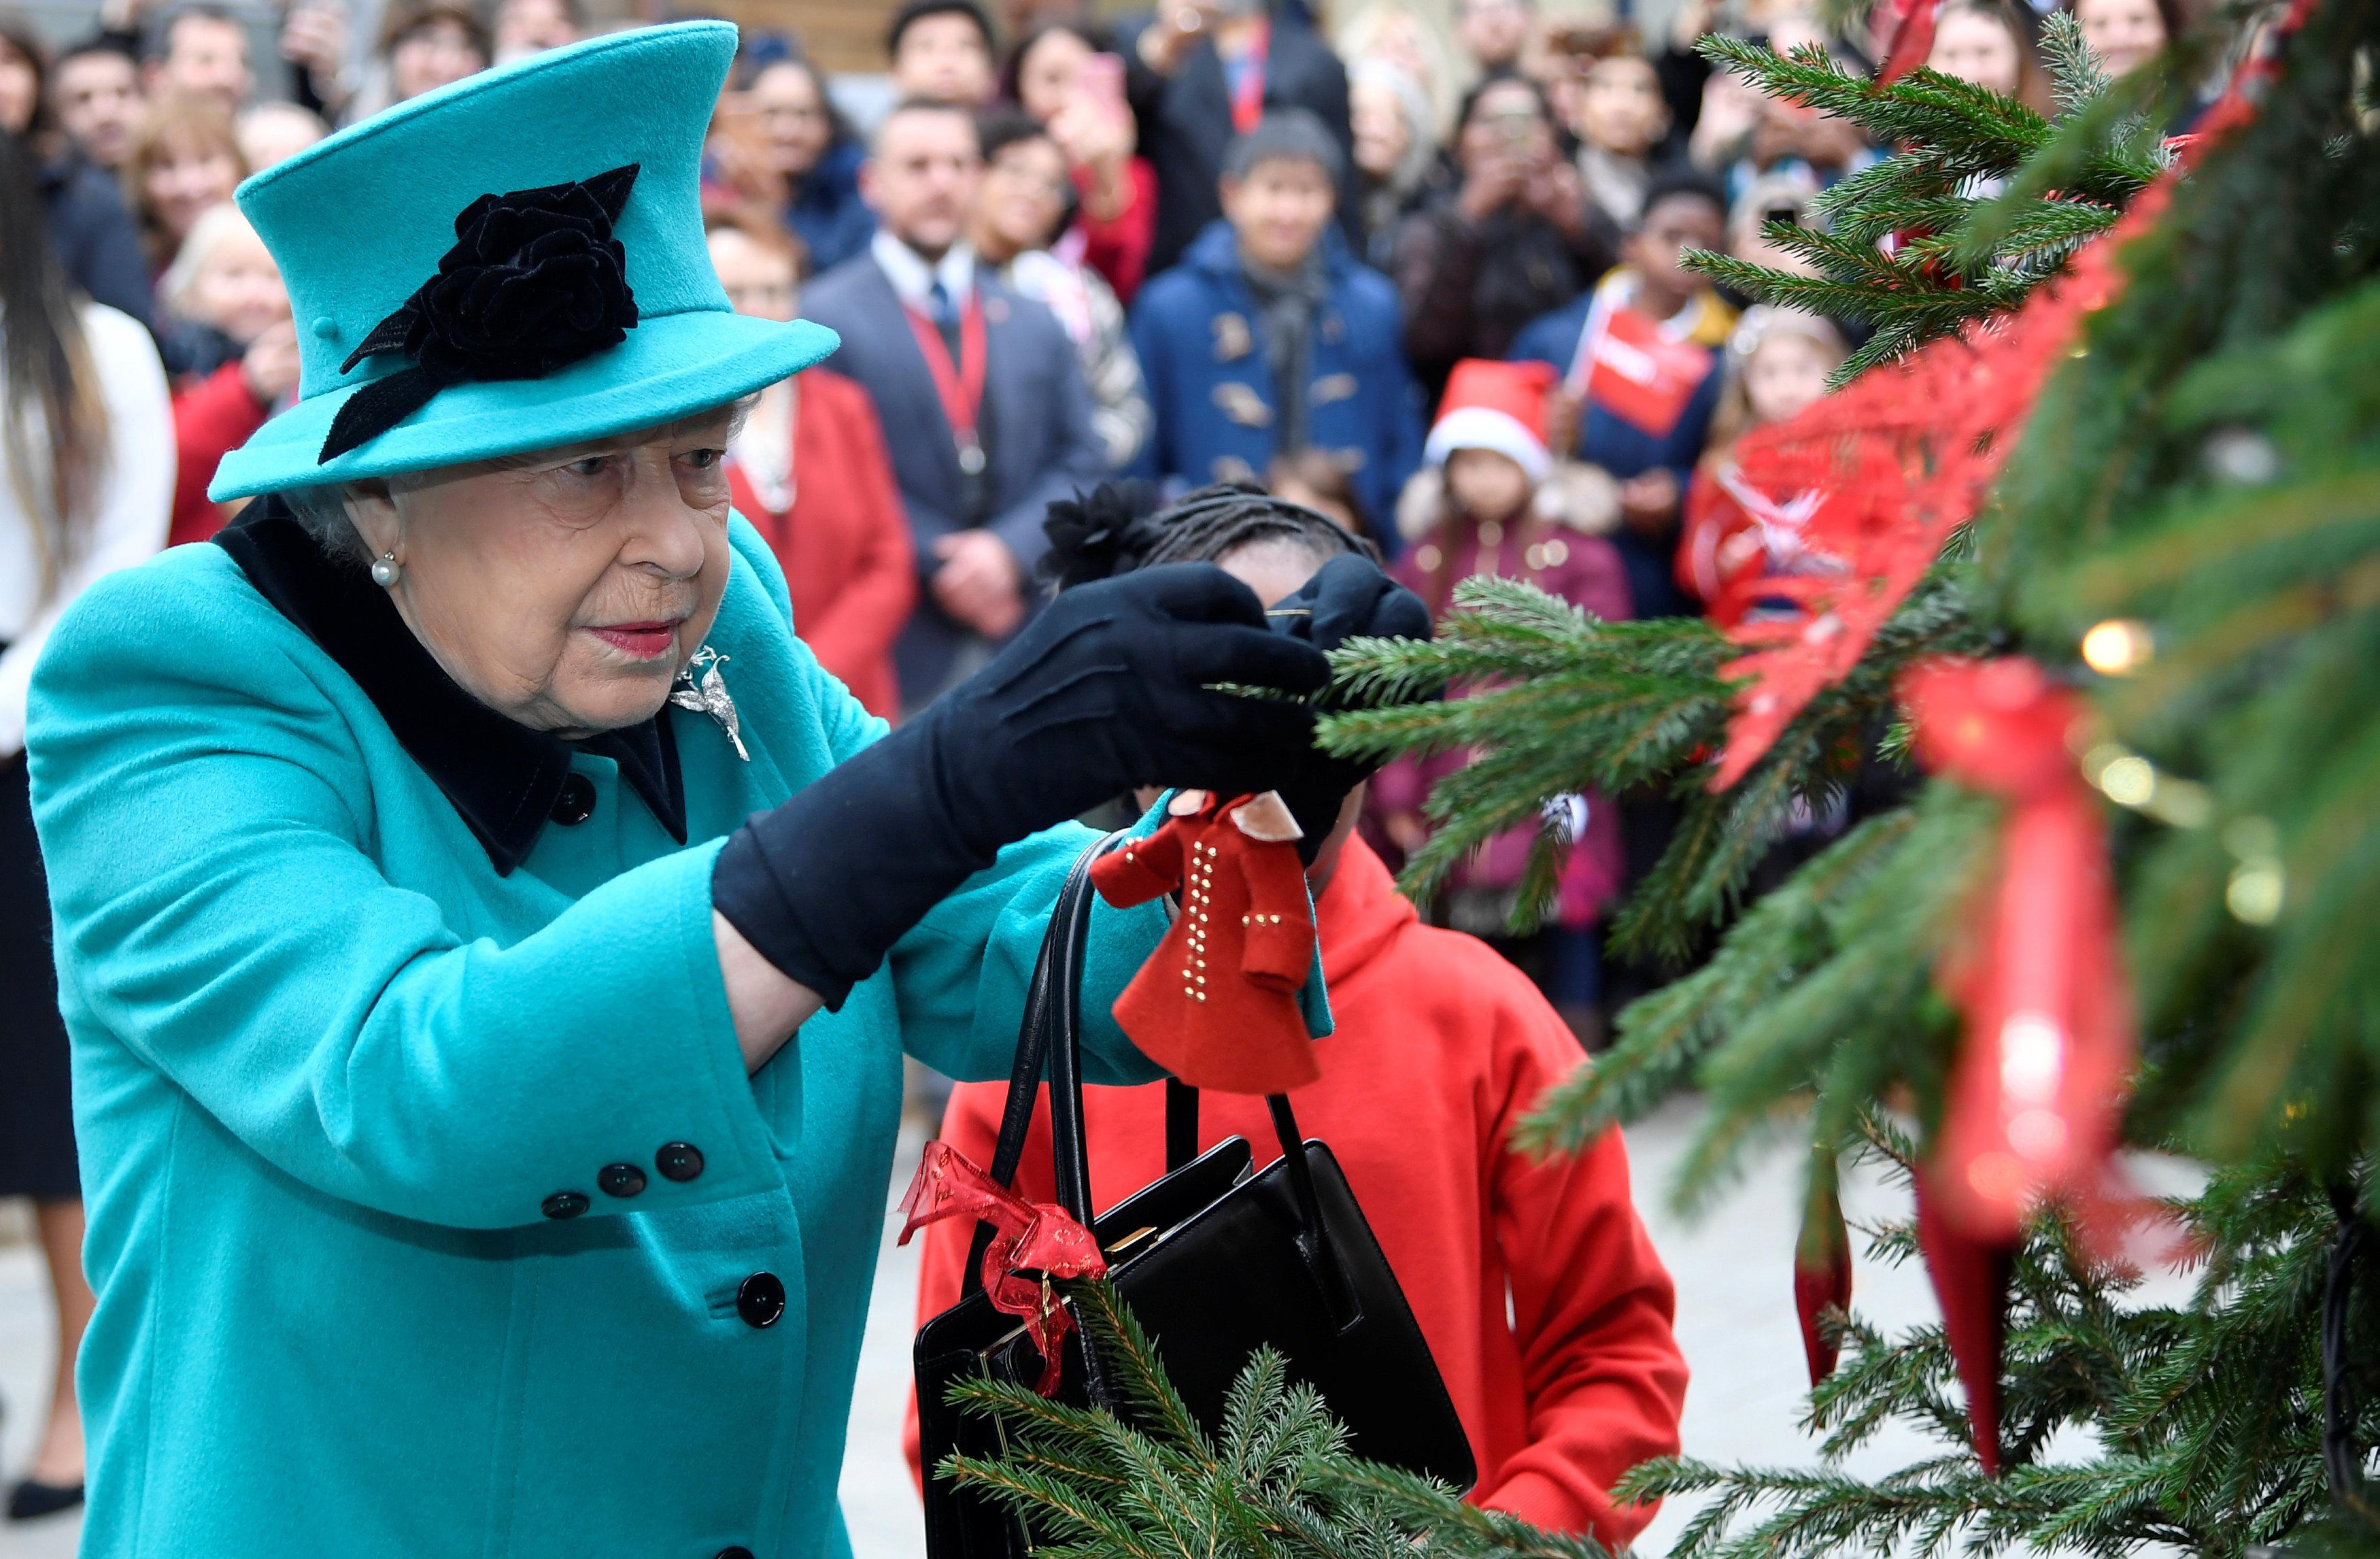 La reina Isabel II, de Reino Unido, coloca un chirimbolo en el árbol de Navidad de la organización benéfica infantil Coram, en Londres